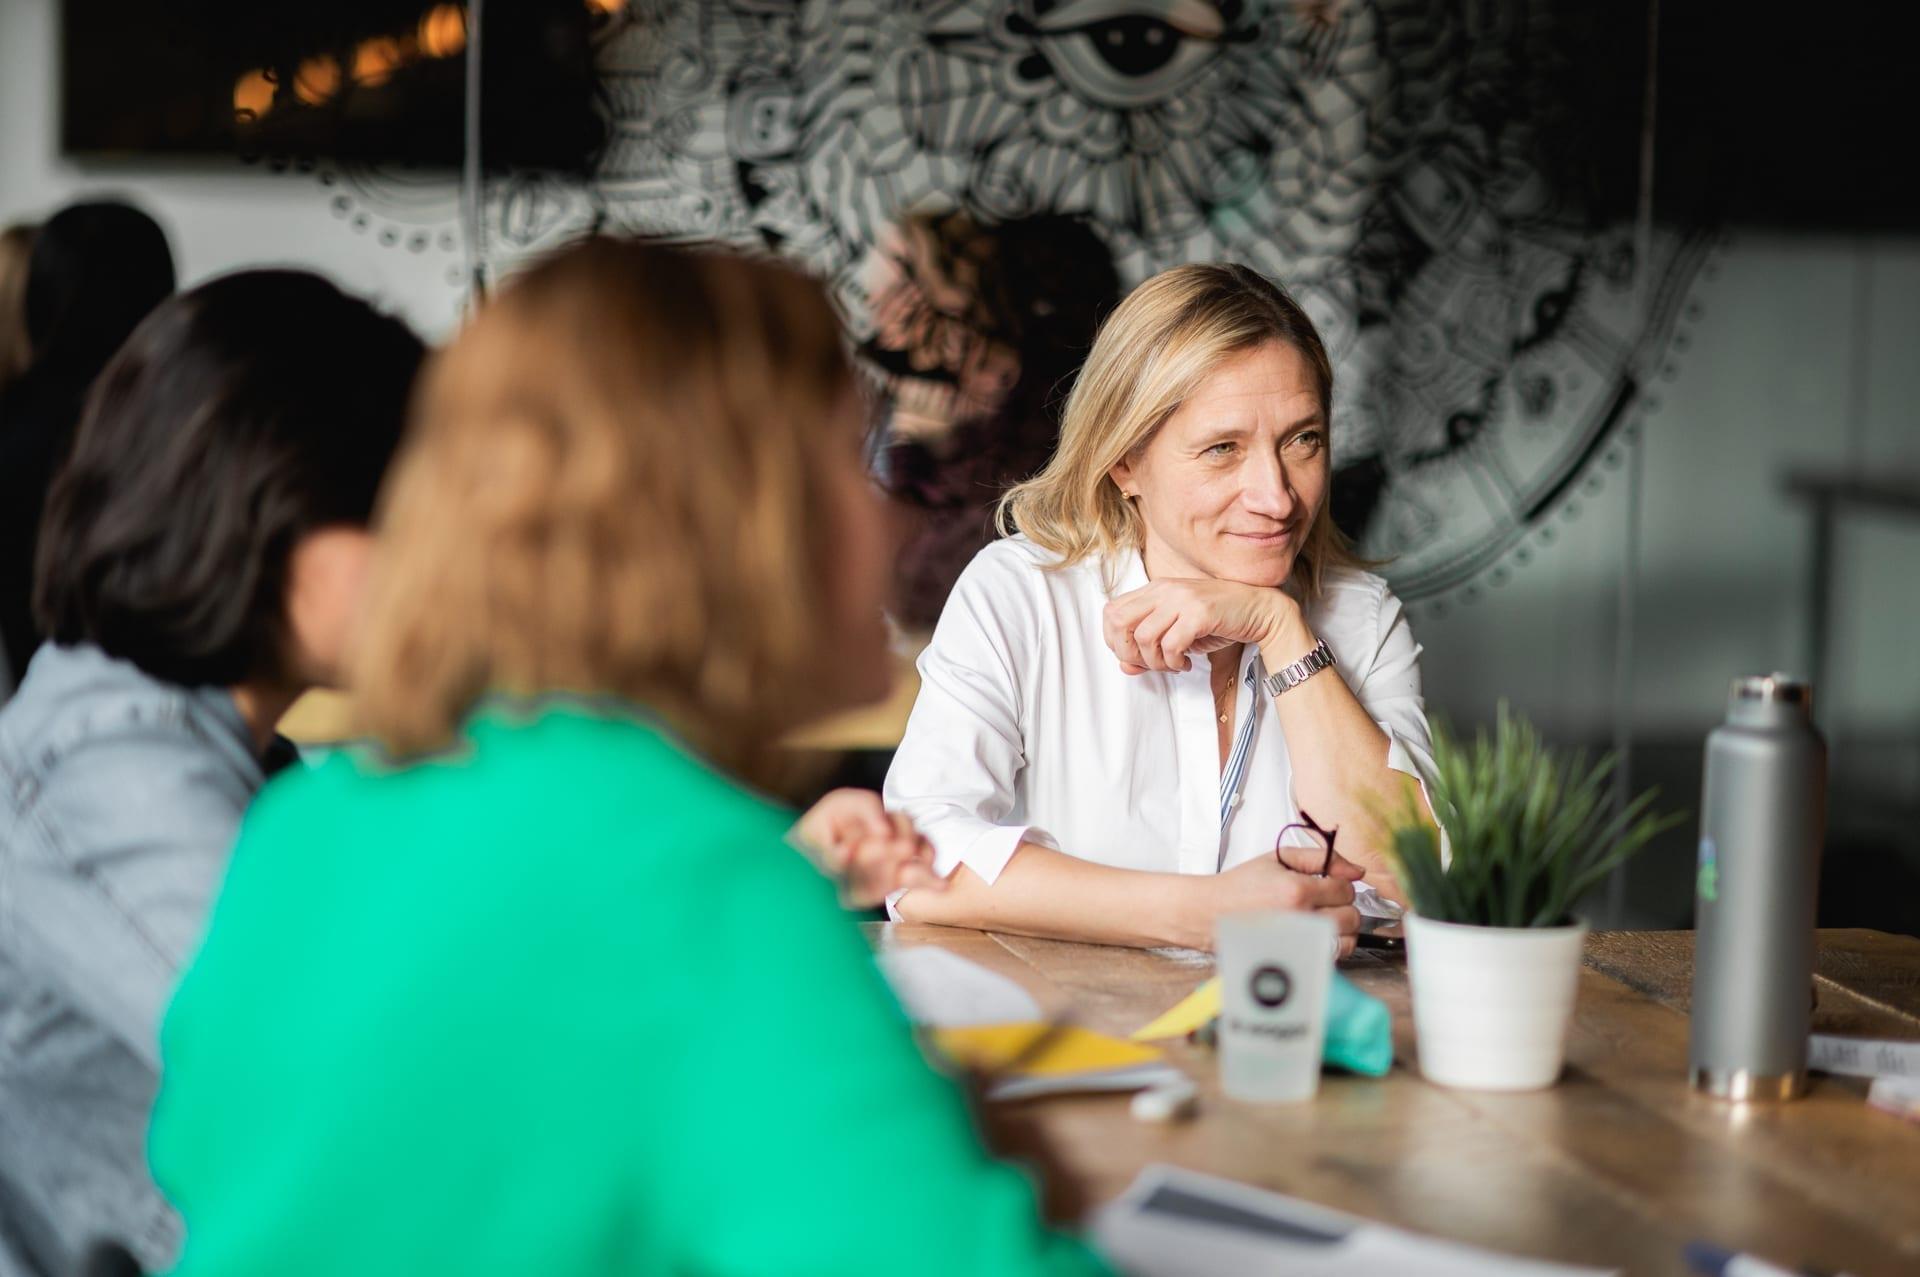 Femme au bout d'une tableau qui regarde quelqu'un d'autre avec concentration